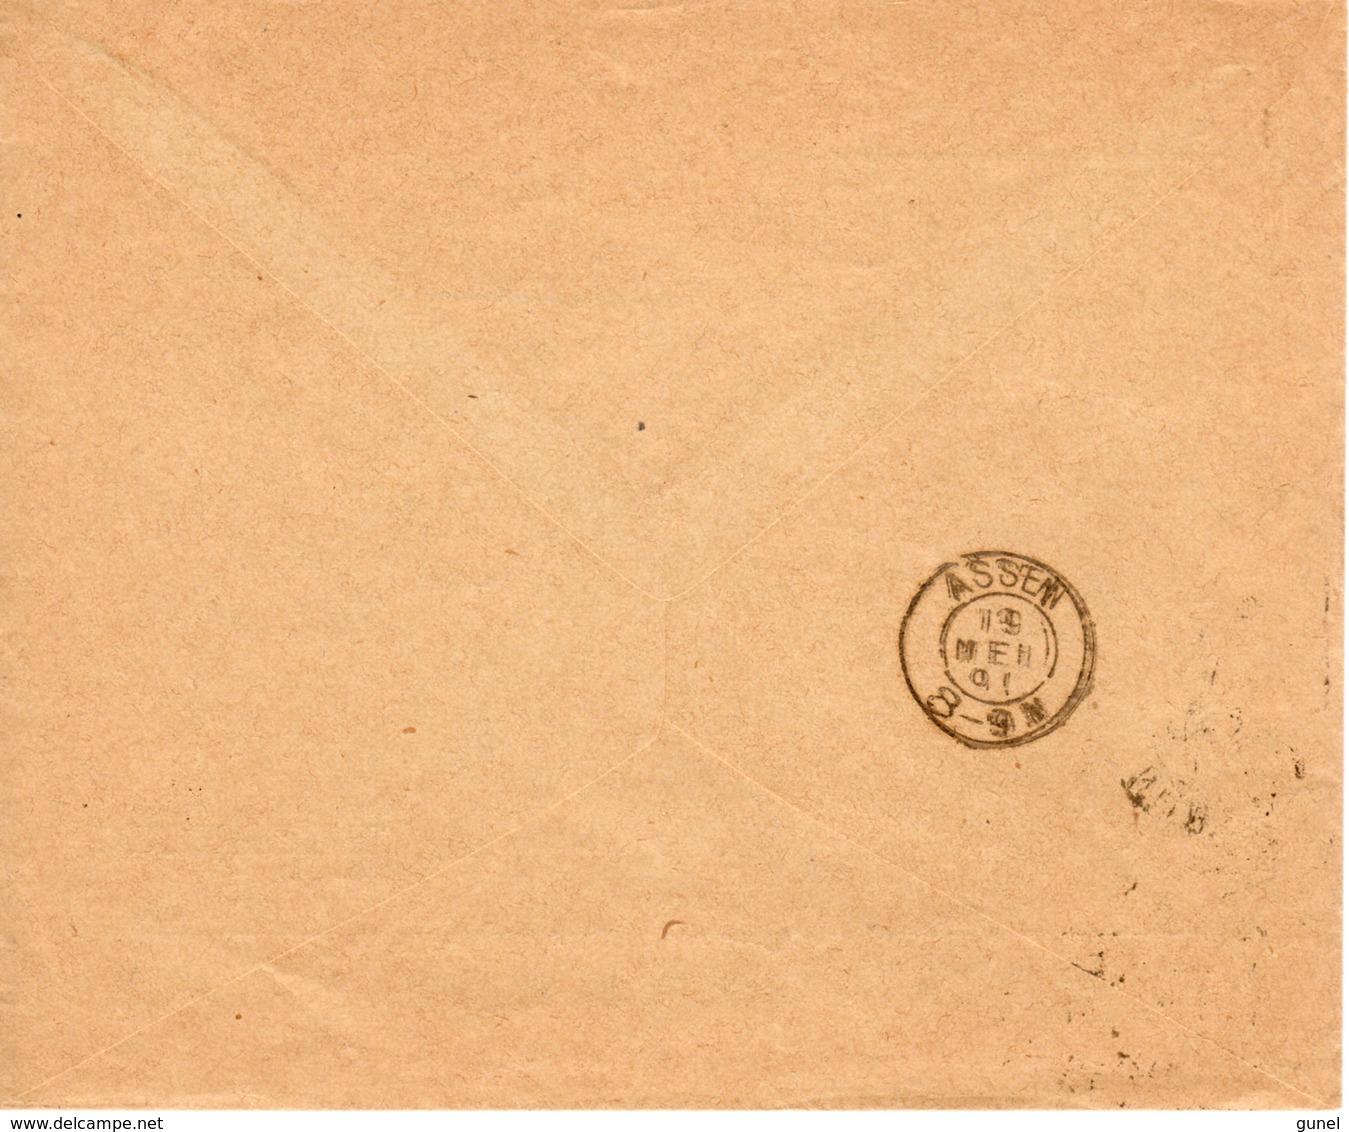 19 MEI 91 Drukwerk Envelop Met Firmalogo Van Nijmegen Naar Assen Met NVPH 31 - Periode 1891-1948 (Wilhelmina)